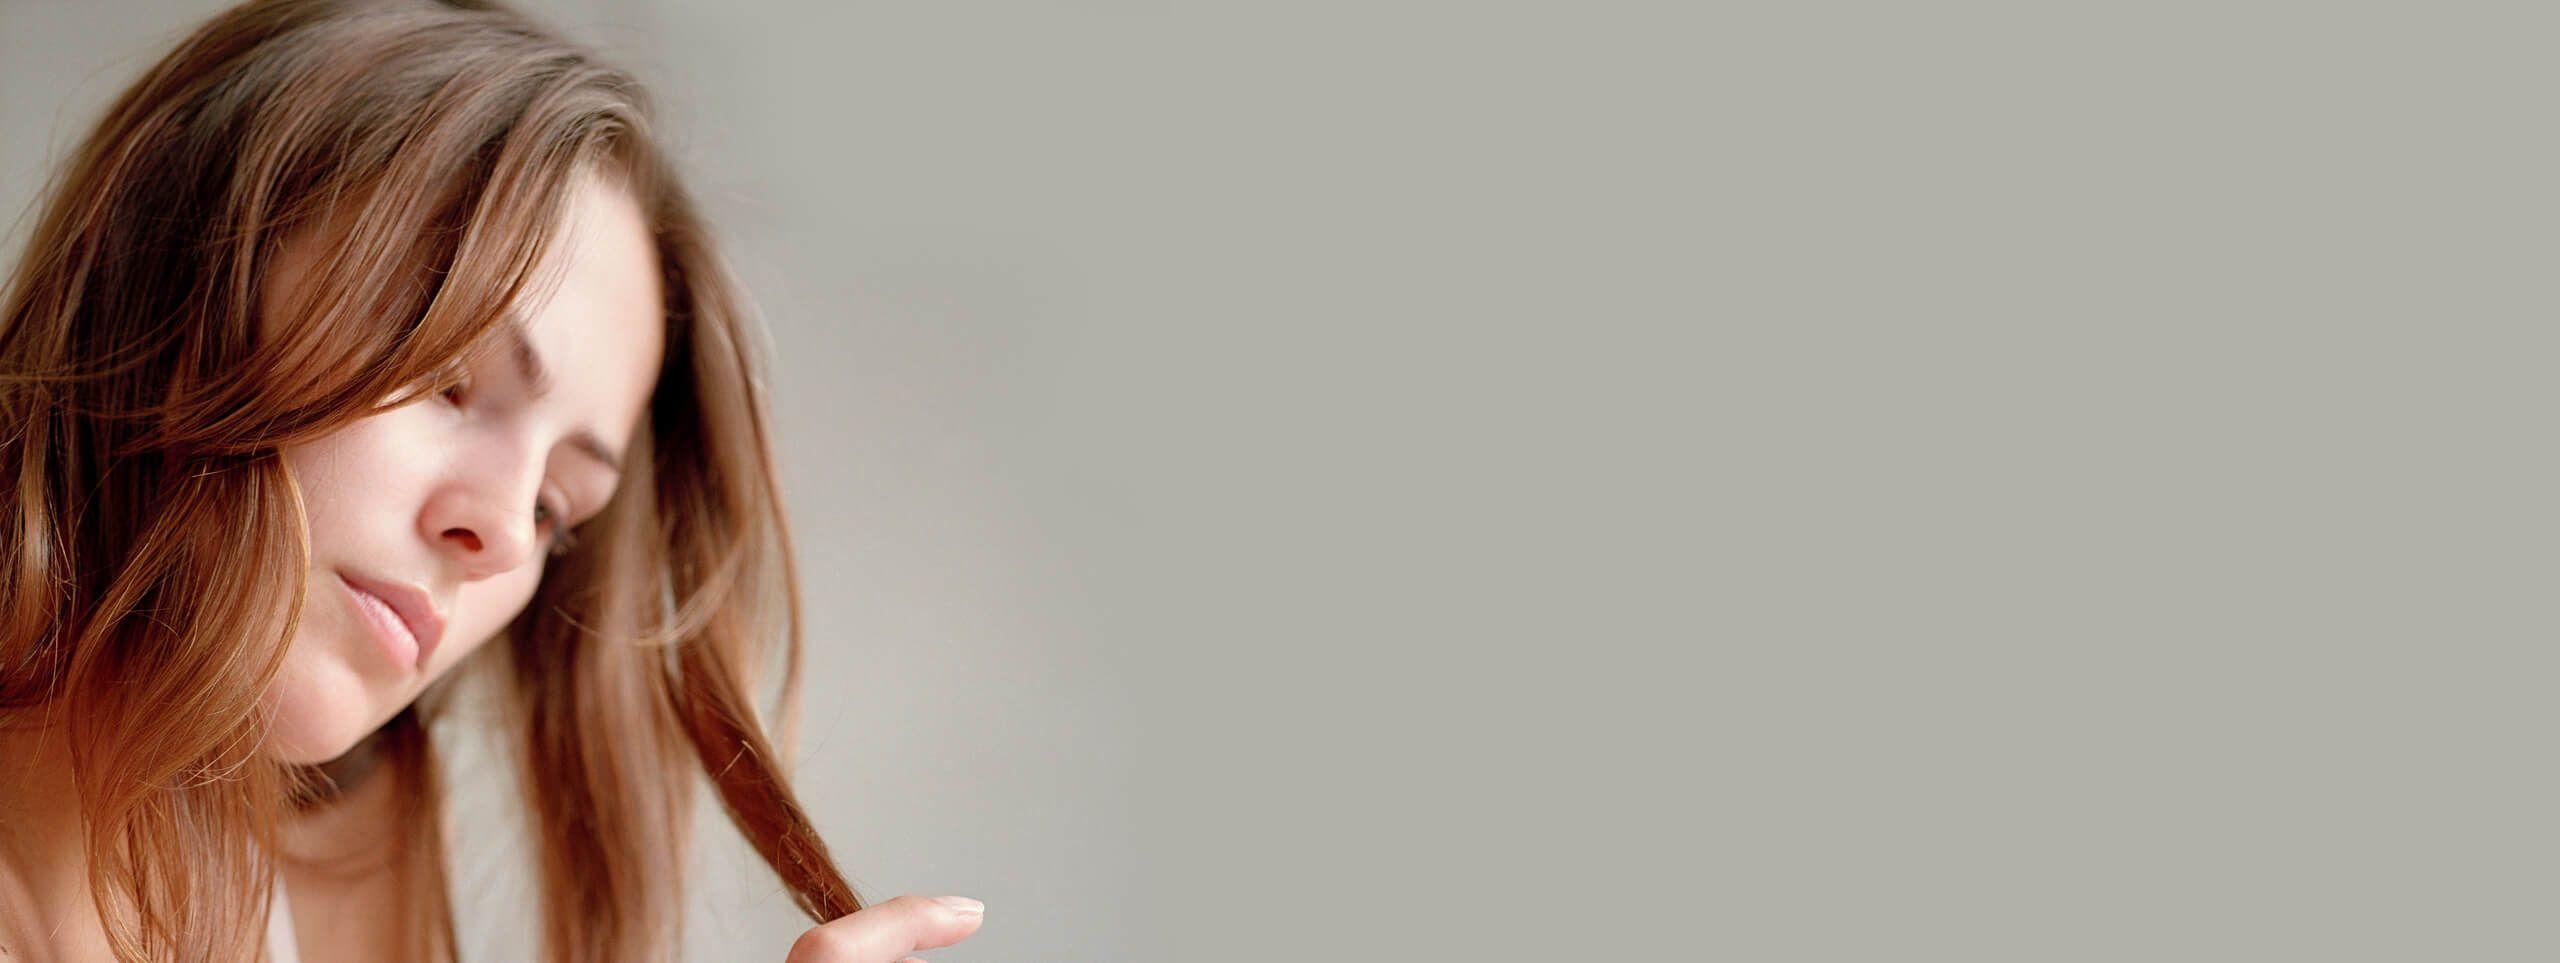 Kobieta trzymająca brązowe włosy